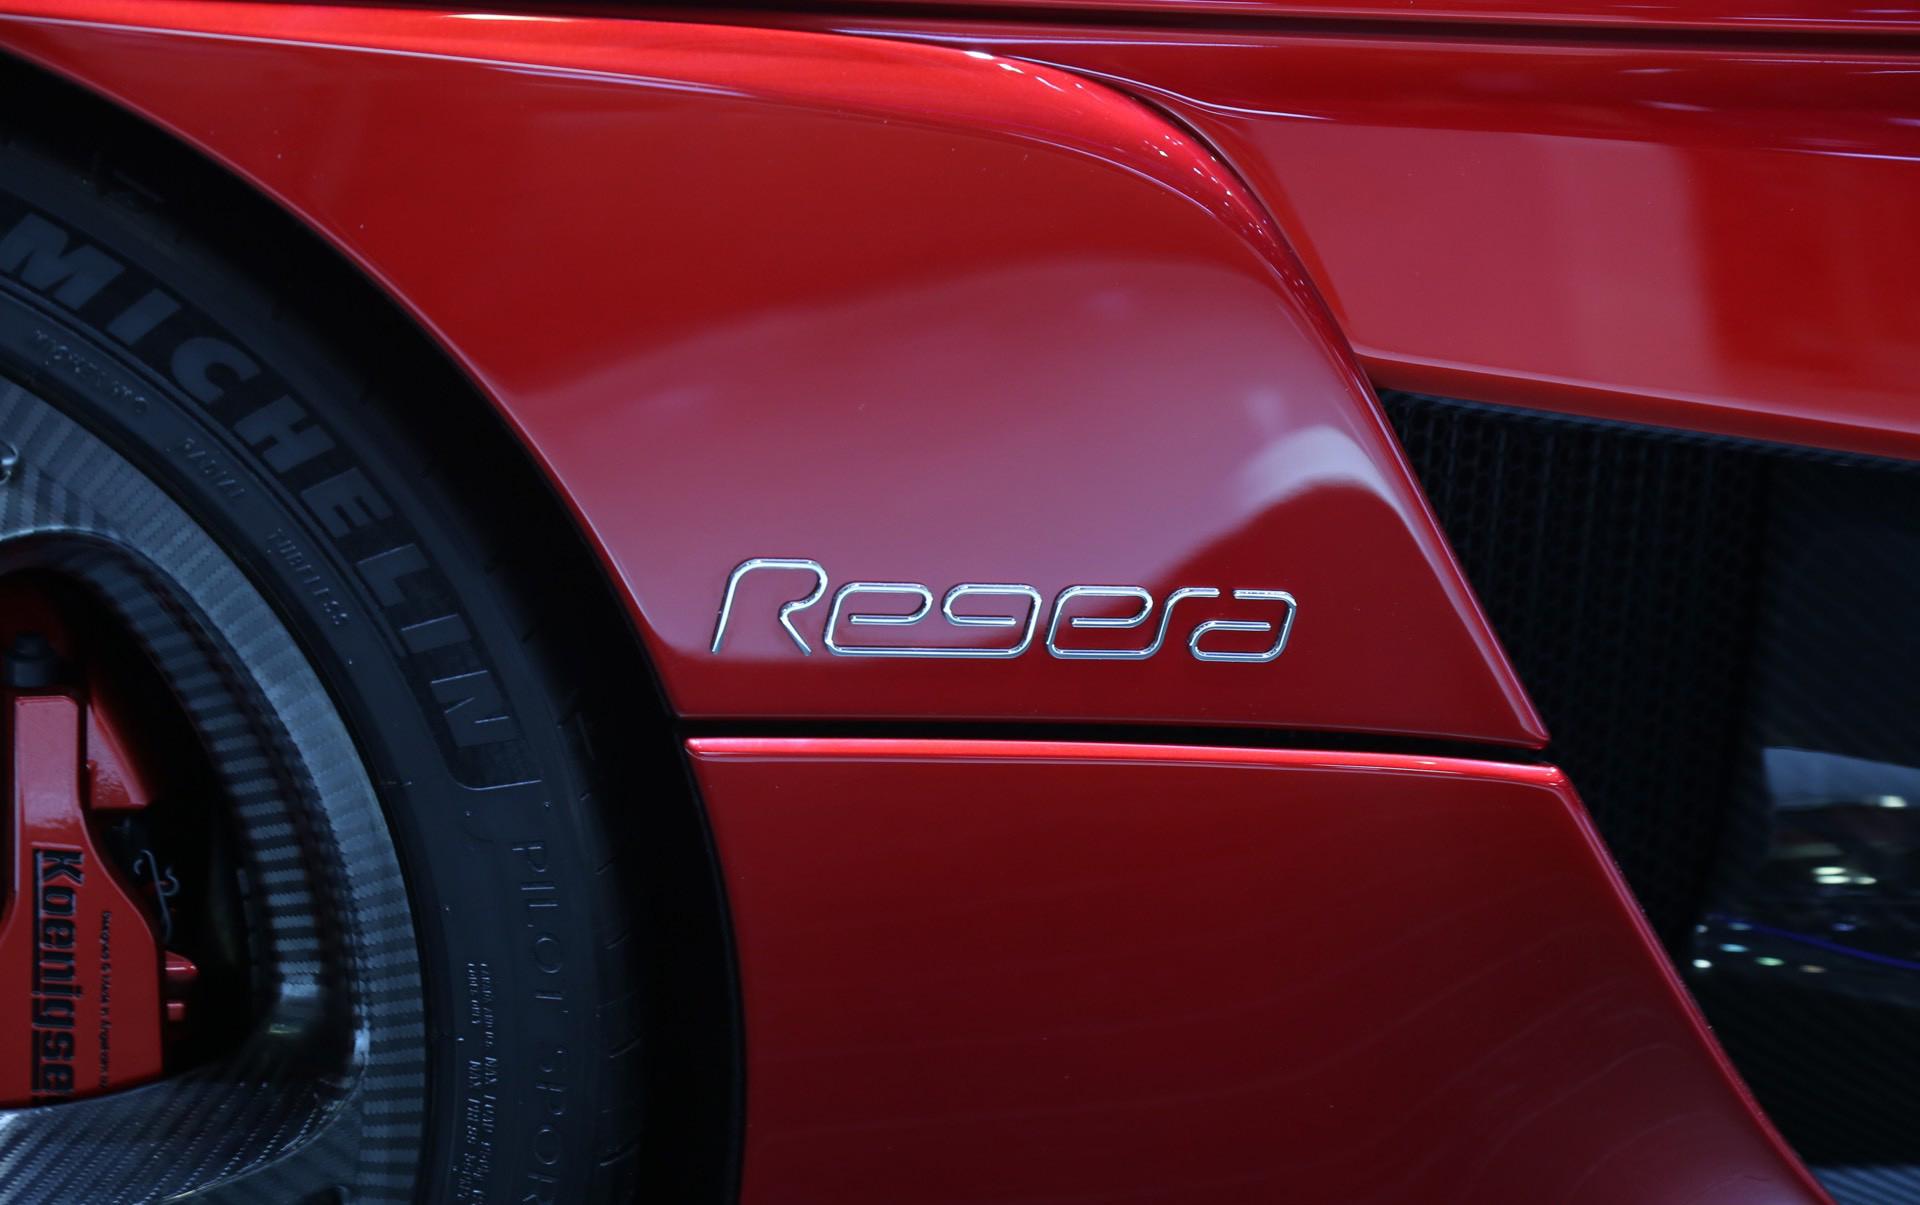 Гибридная установка гиперкара впечатляет - она сочетает в себе три электродвигателя, которые производят 670 л.с. вместе с самым современным 5-литровым V8 с двумя турбодвигателями, который мы знаем по предыдущим моделям Koenigsegg.